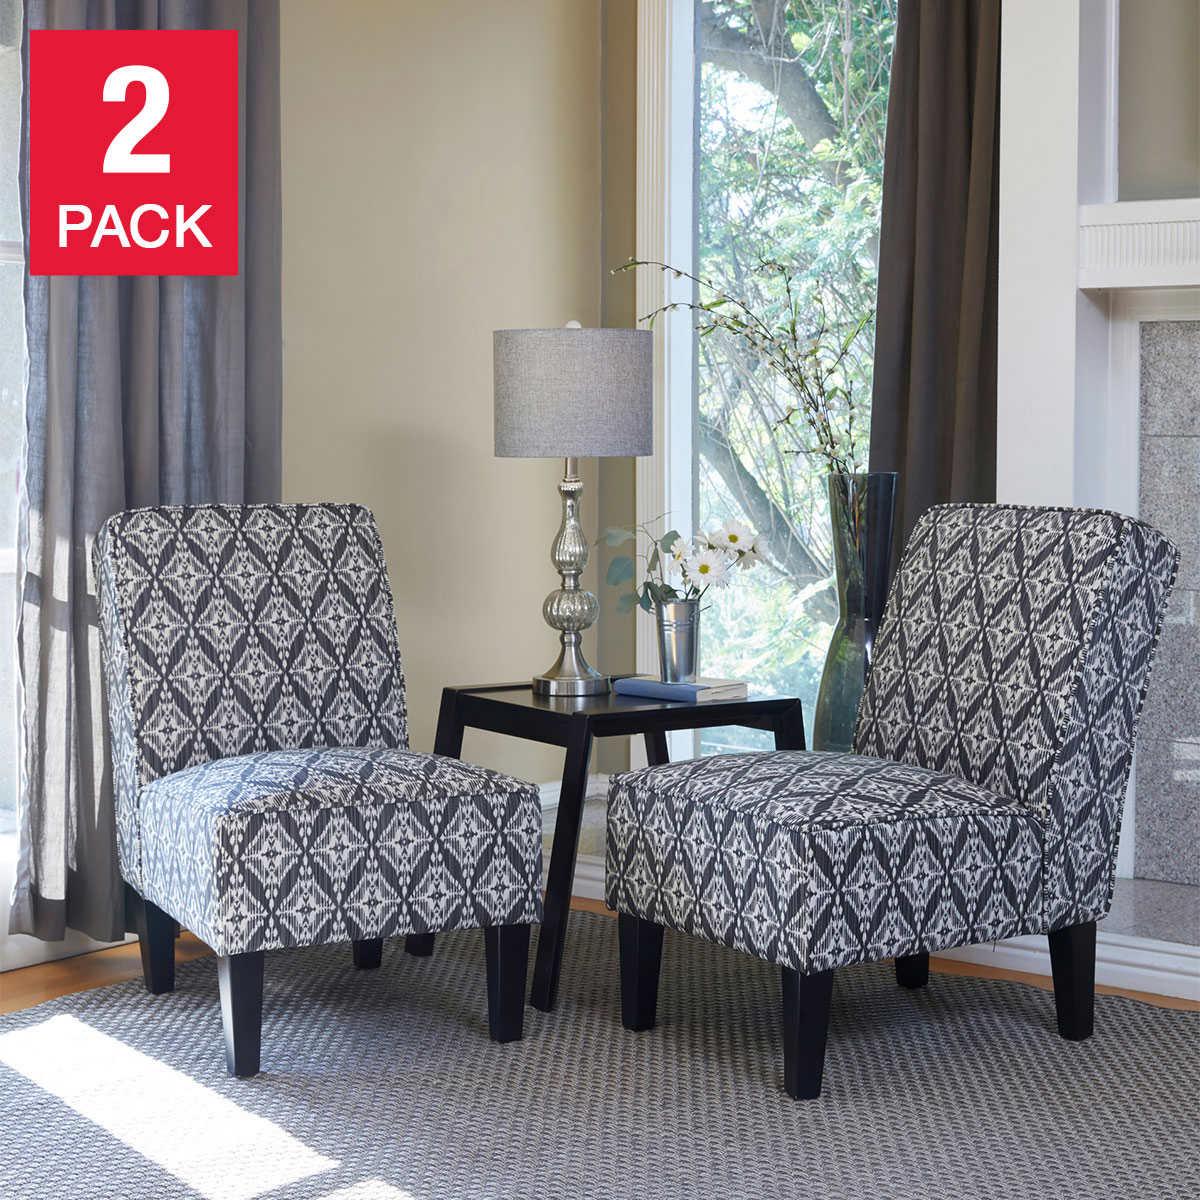 Ballard Fabric Chair 2 Pack